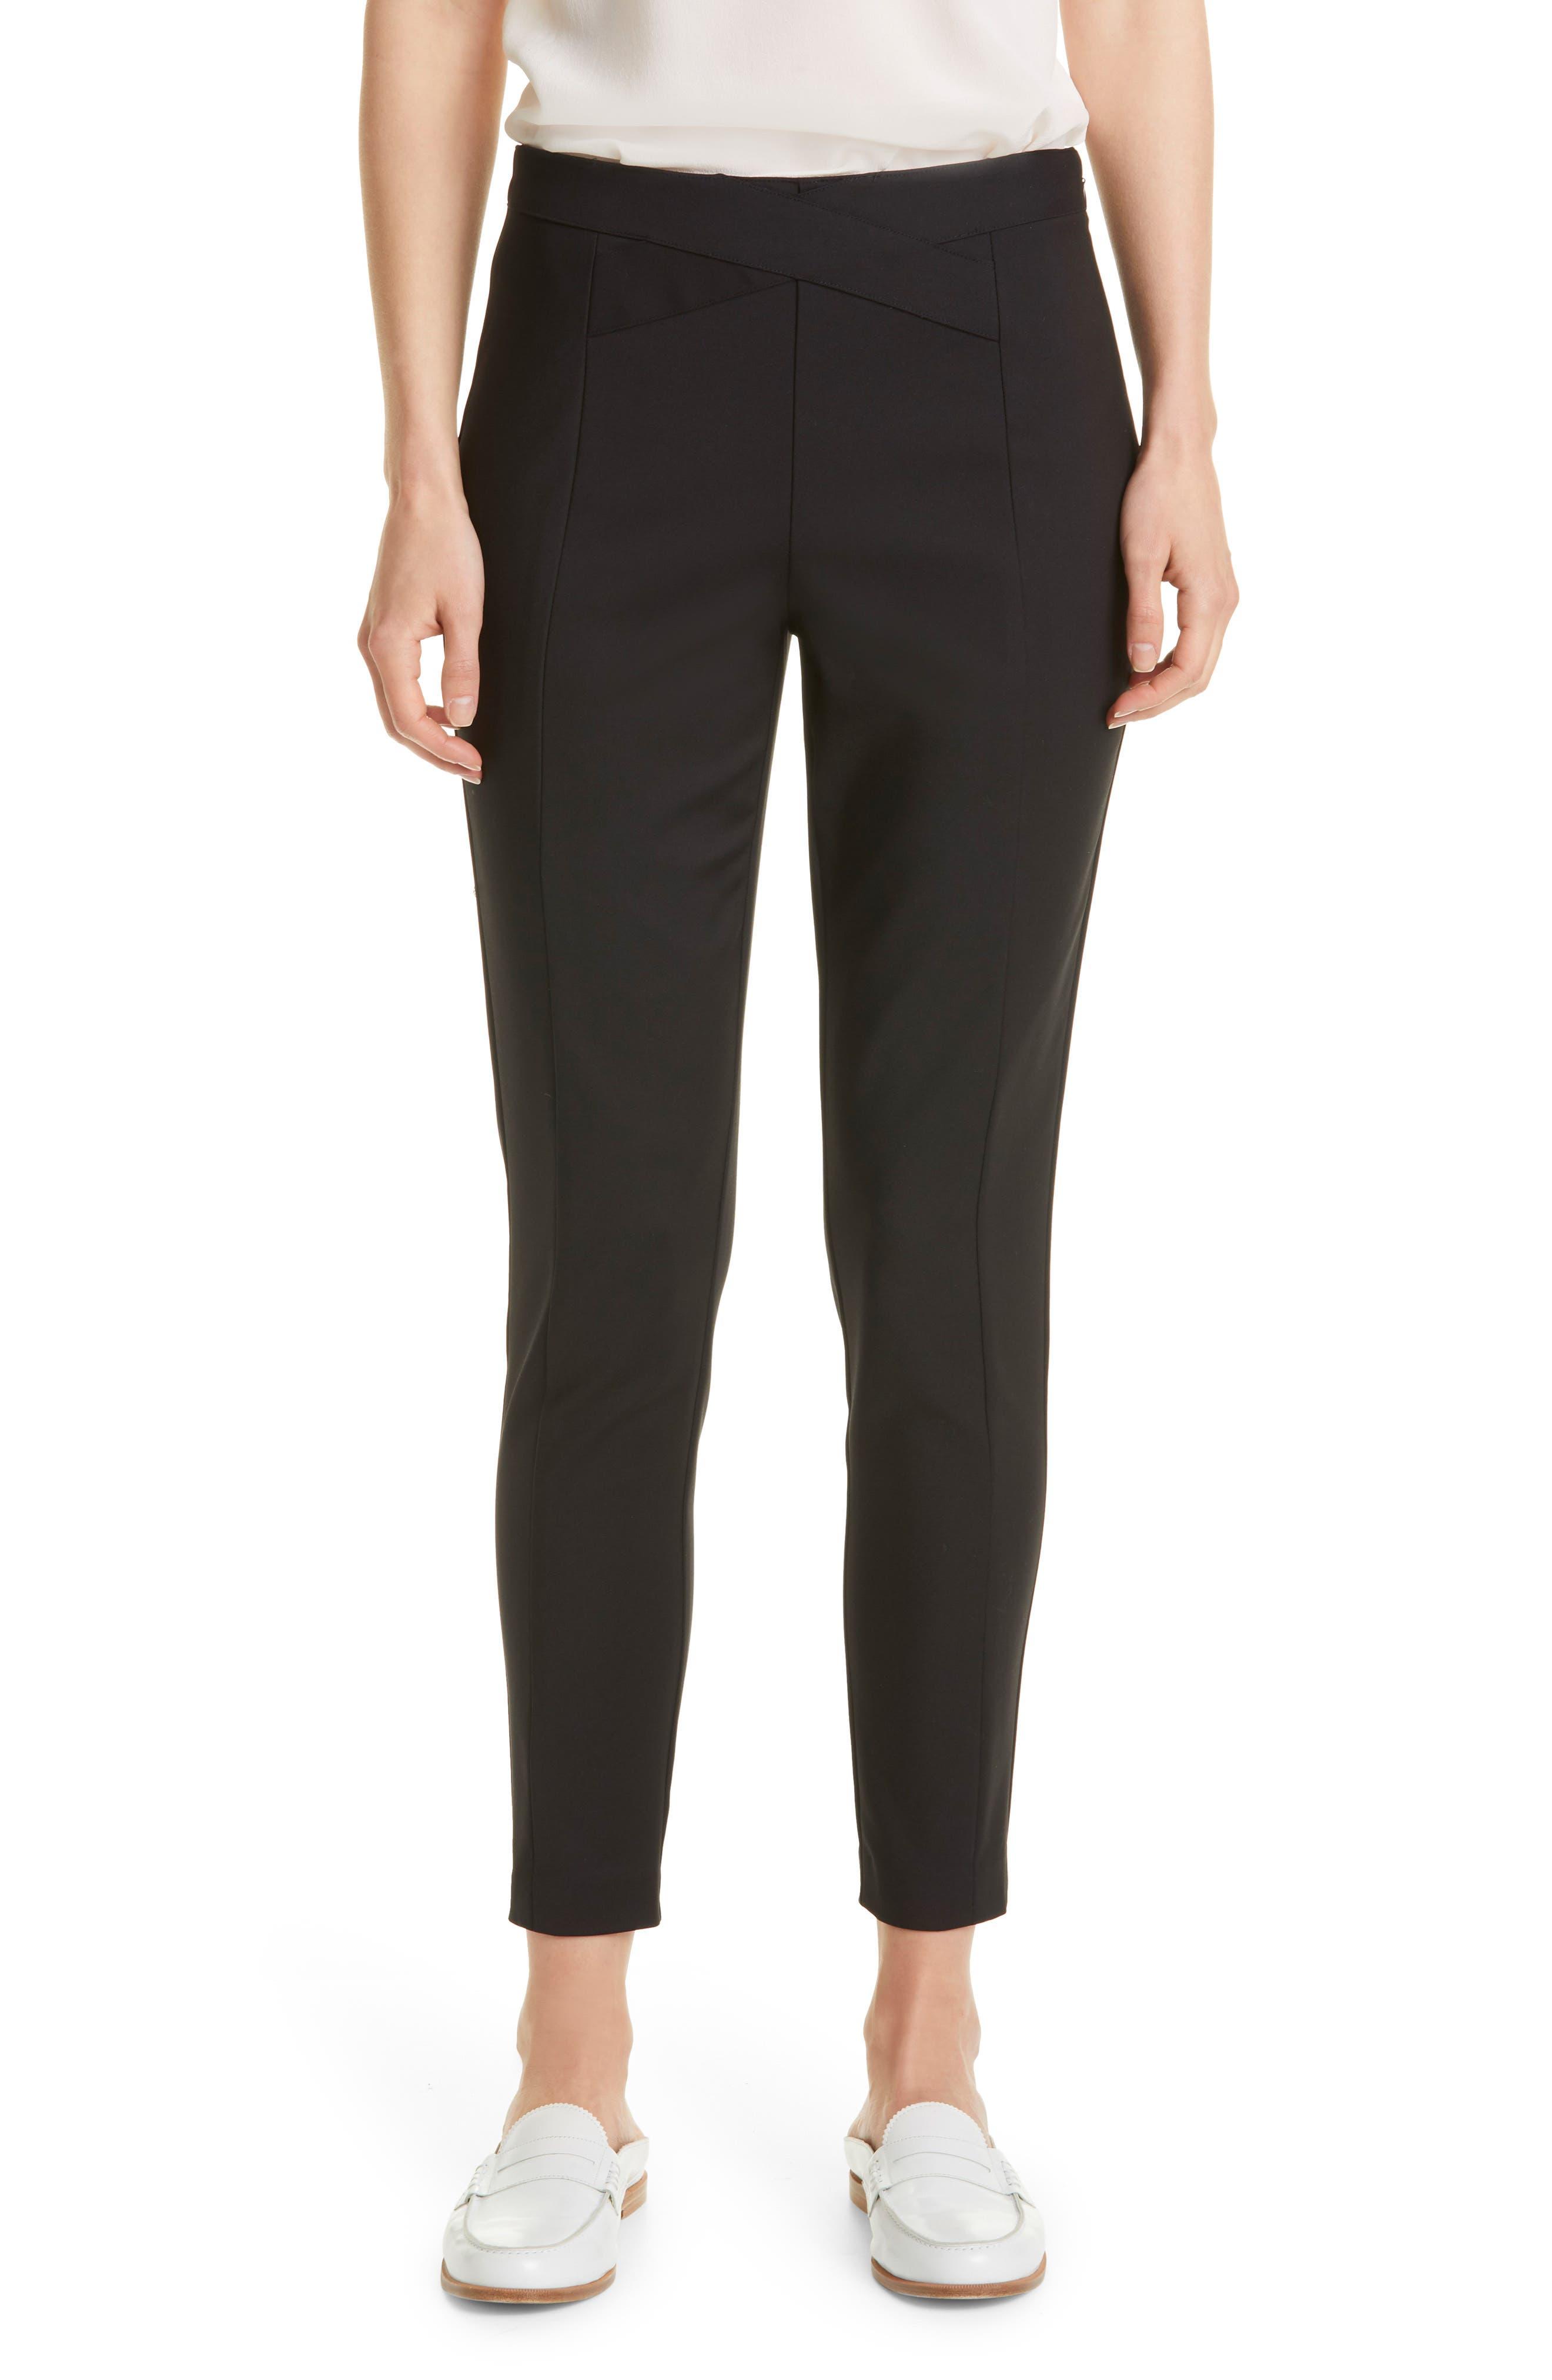 Women's Donna Karen New York Crisscross Waist Pants